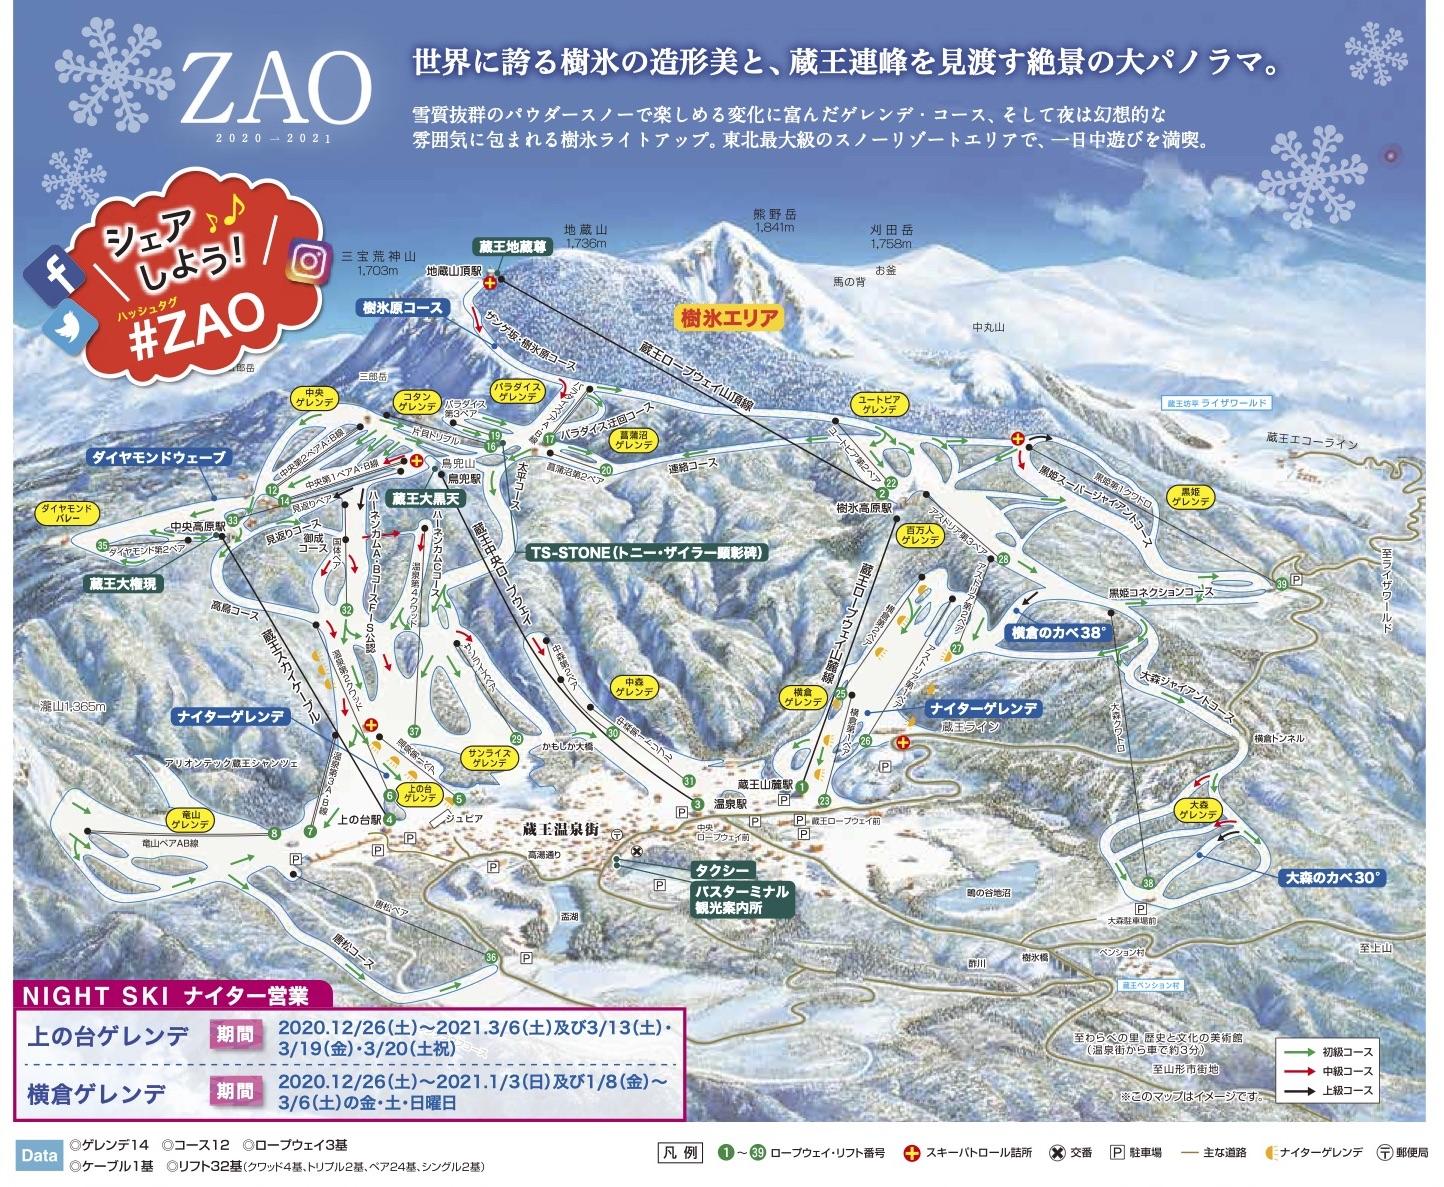 【蔵王温泉スキー場 情報①】ゲレンデ紹介 2020-2021